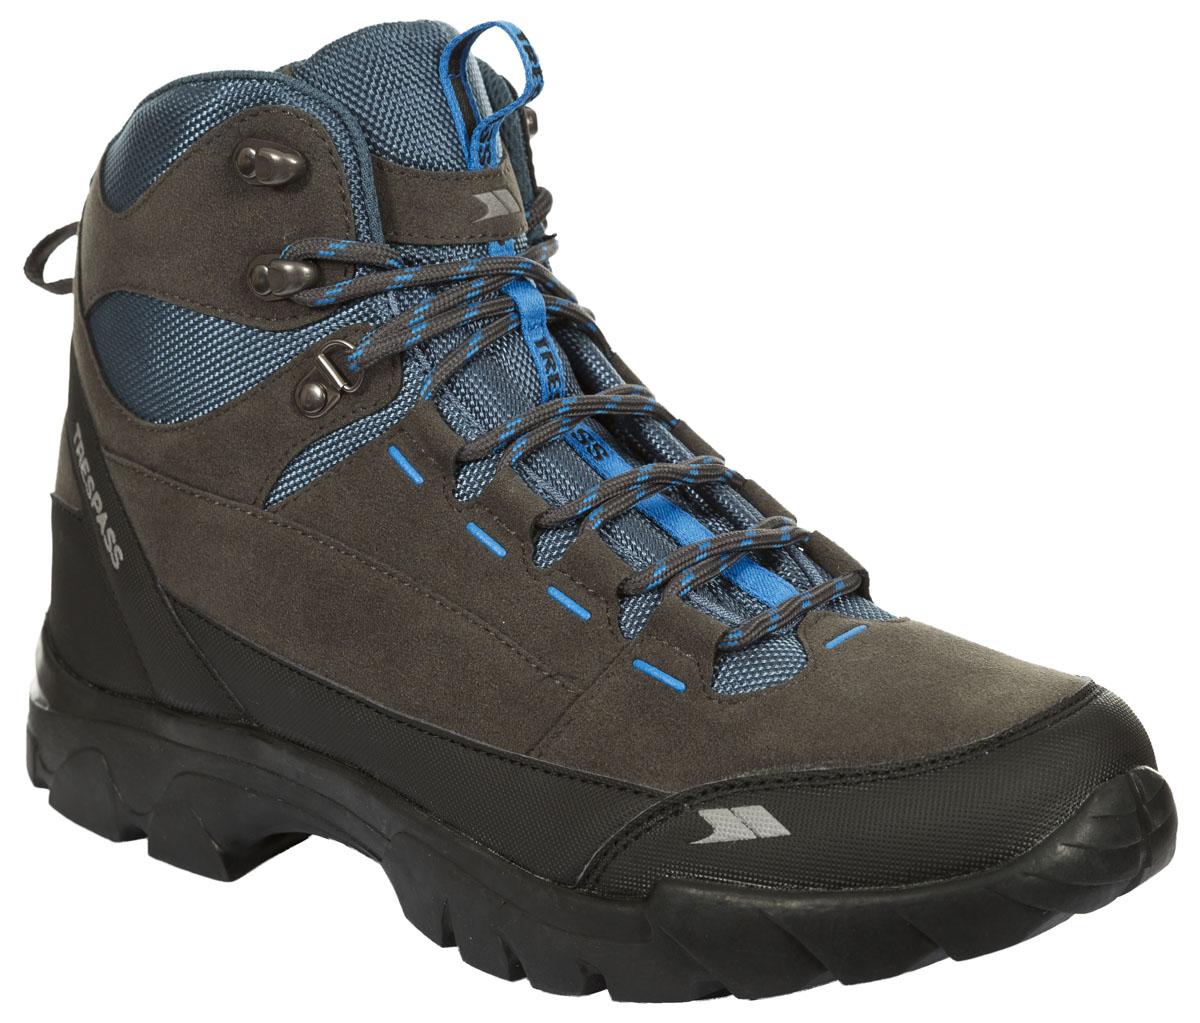 БотинкиMAFOBOL20004Современные, технологичные, трекинговые ботинки Oleg от Trespass выполнены из водонепроницаемого материала. Специальное покрытие эффективно обеспечивает сухость и комфорт вашим ногам. Подкладка и стелька из текстиля комфортны при движении. Шнуровка надежно зафиксирует модель на ноге. Подошва дополнена рифлением. Ботинки прекрасно подойдут для пеших походов по пересеченной местности.